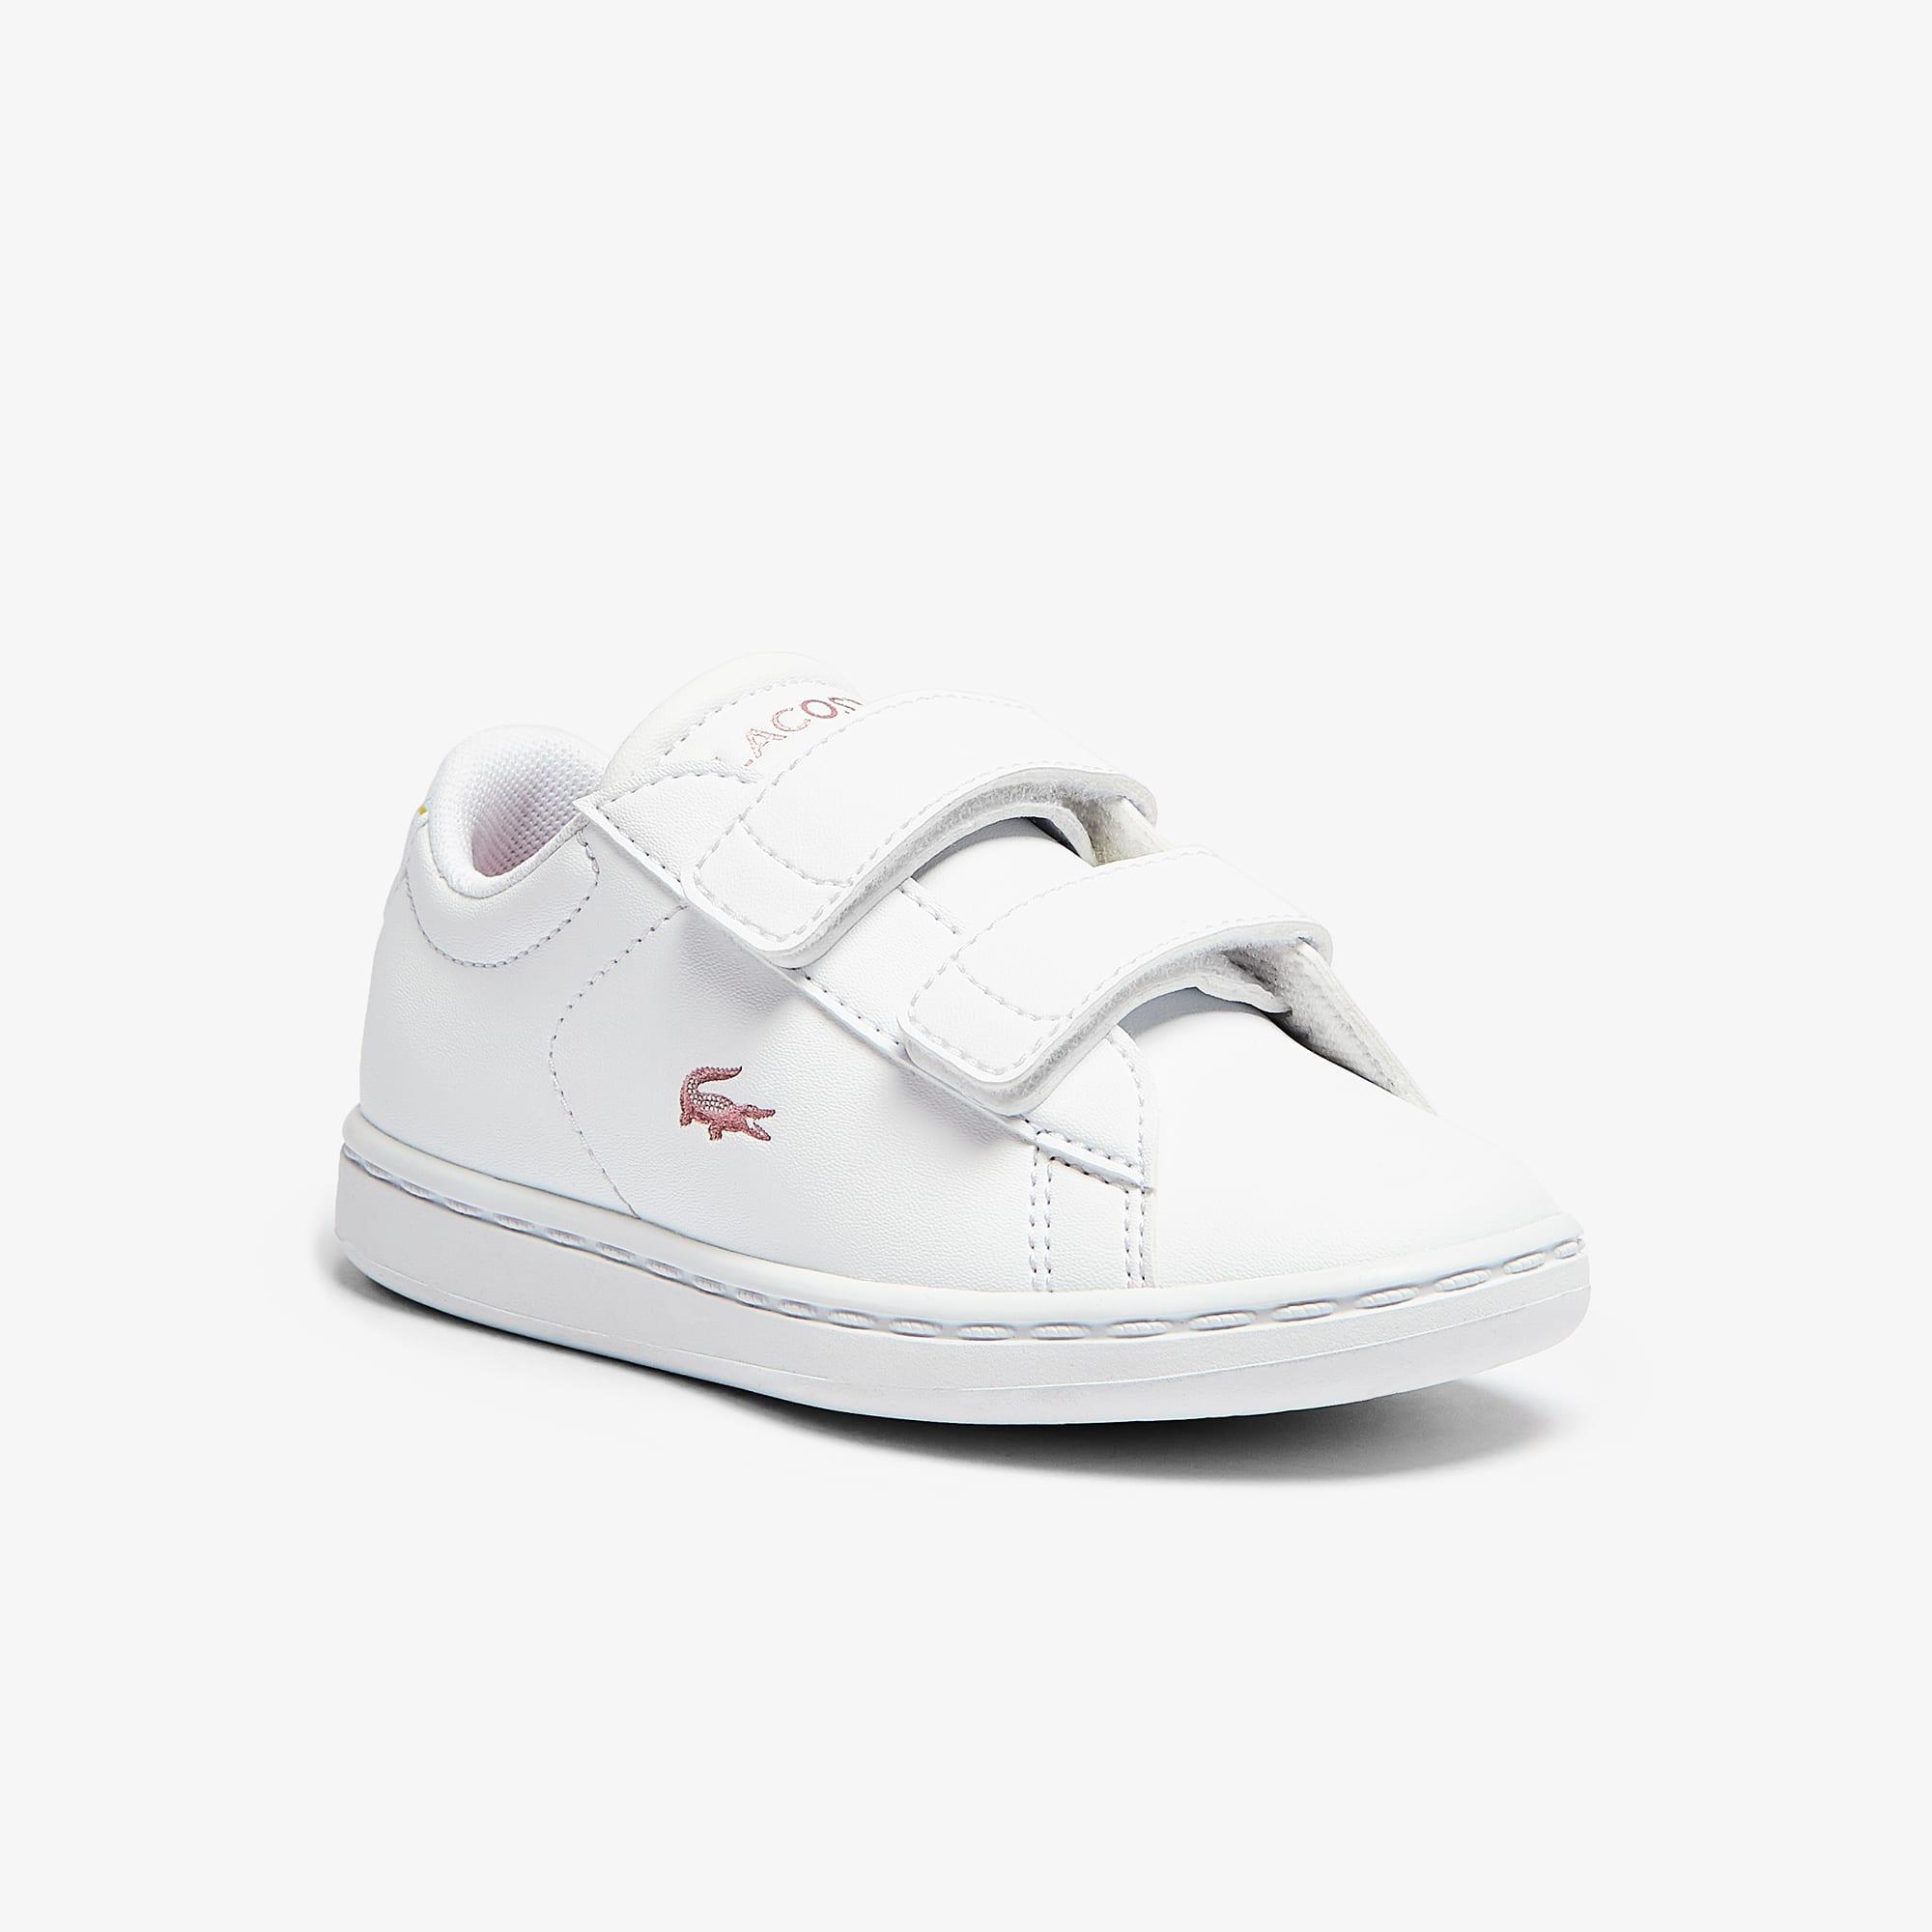 Lacoste Sneakers Carnaby Evo bébé avec détails métallisés Taille 19 Blanc/rose